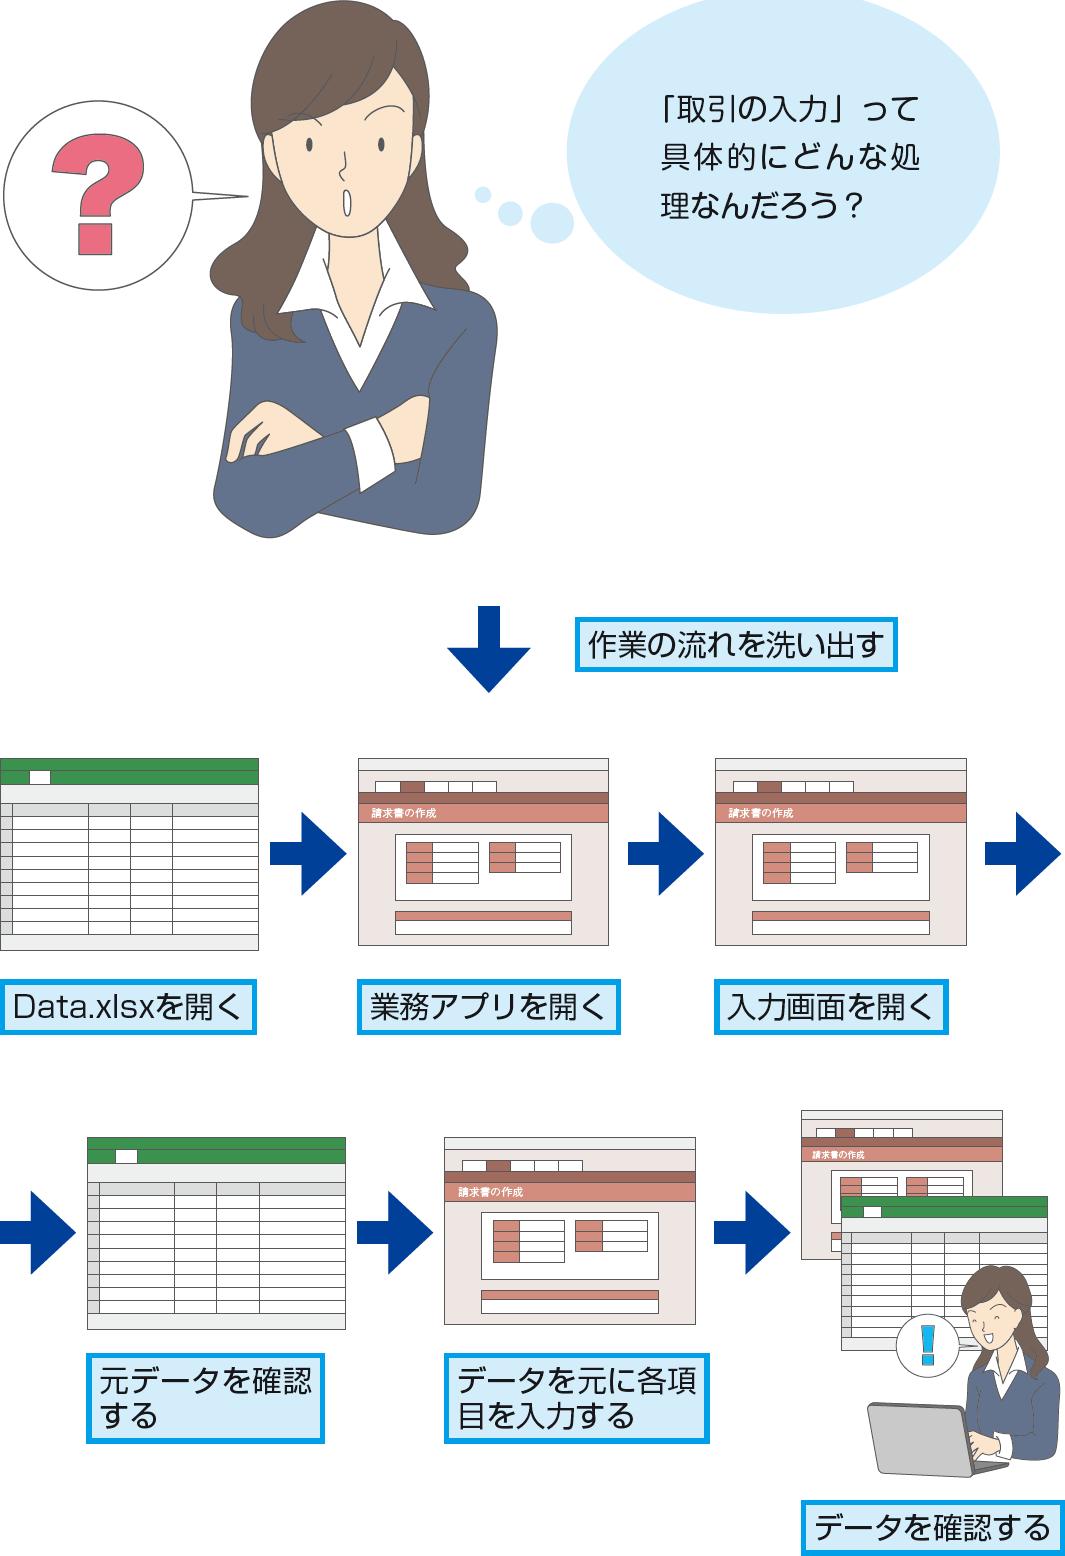 経費入力業務を分析し、自動化してみよう(経理業務の自動化) - できるUiPath